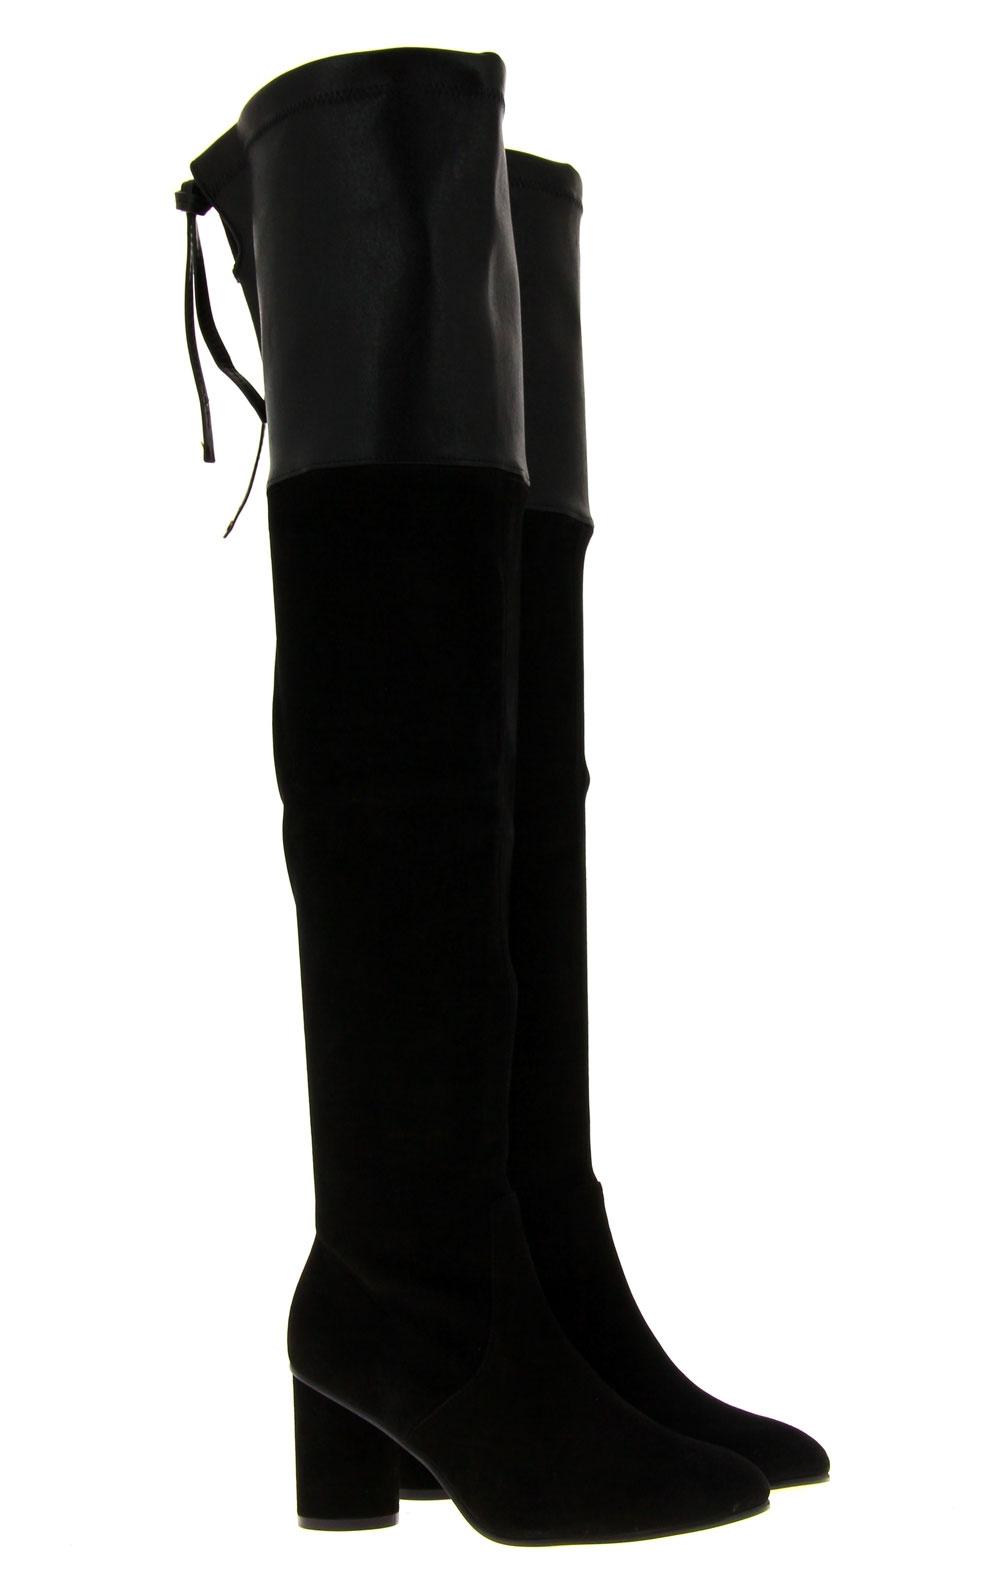 Stuart Weitzman overknee-boots HELENA BLACK FUSION SUEDE